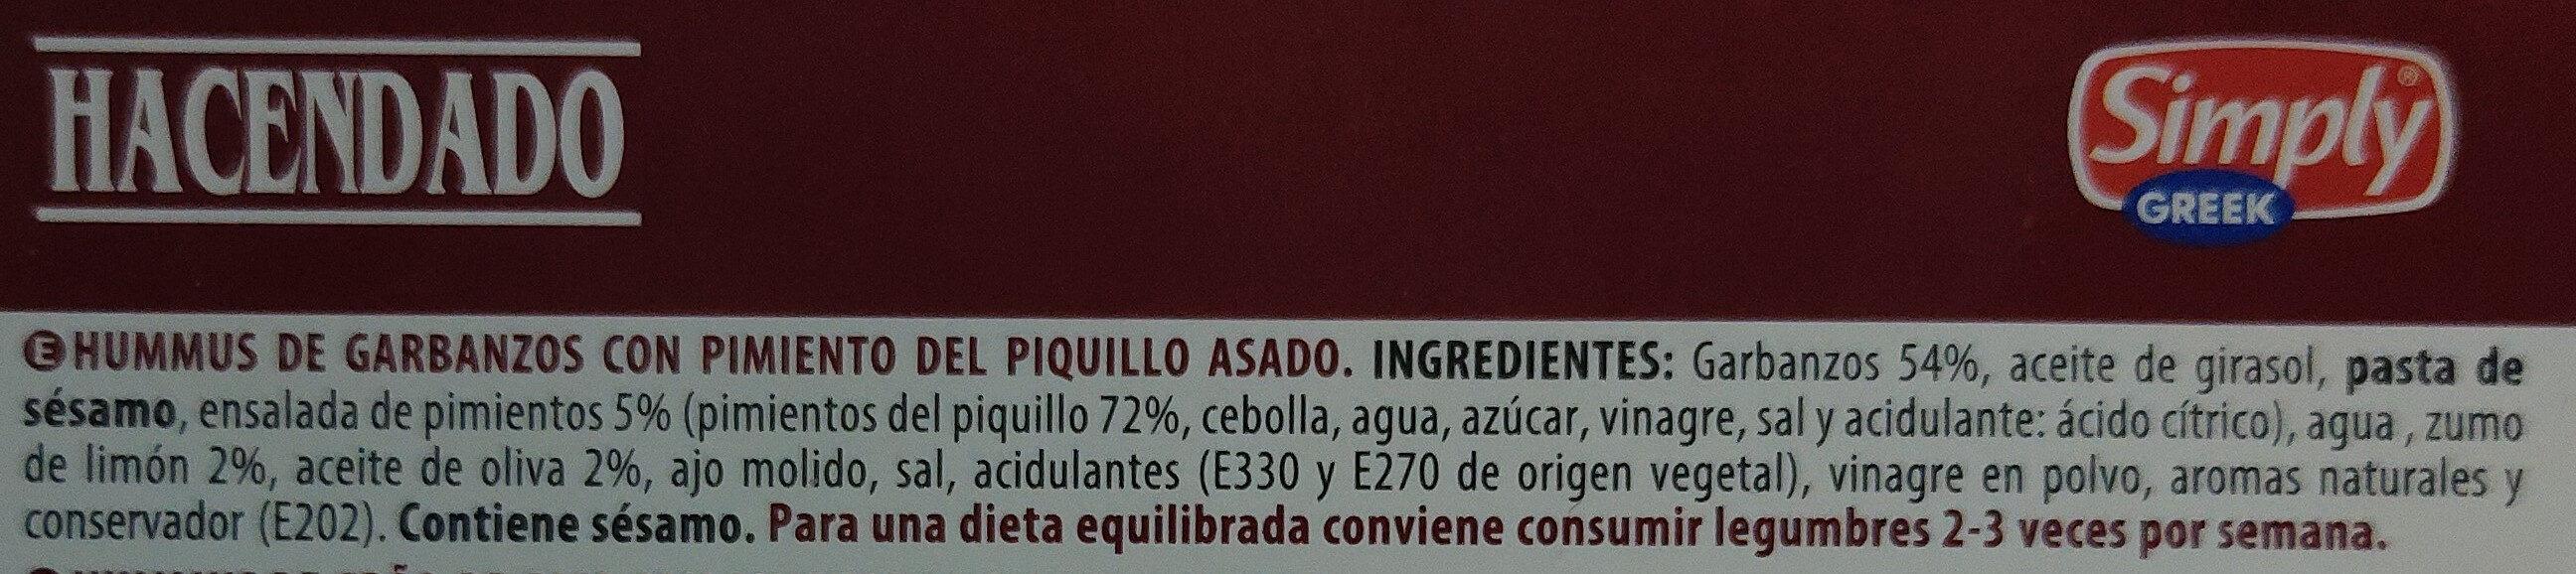 Hummus con pimiento del piquillo - Ingredients - es